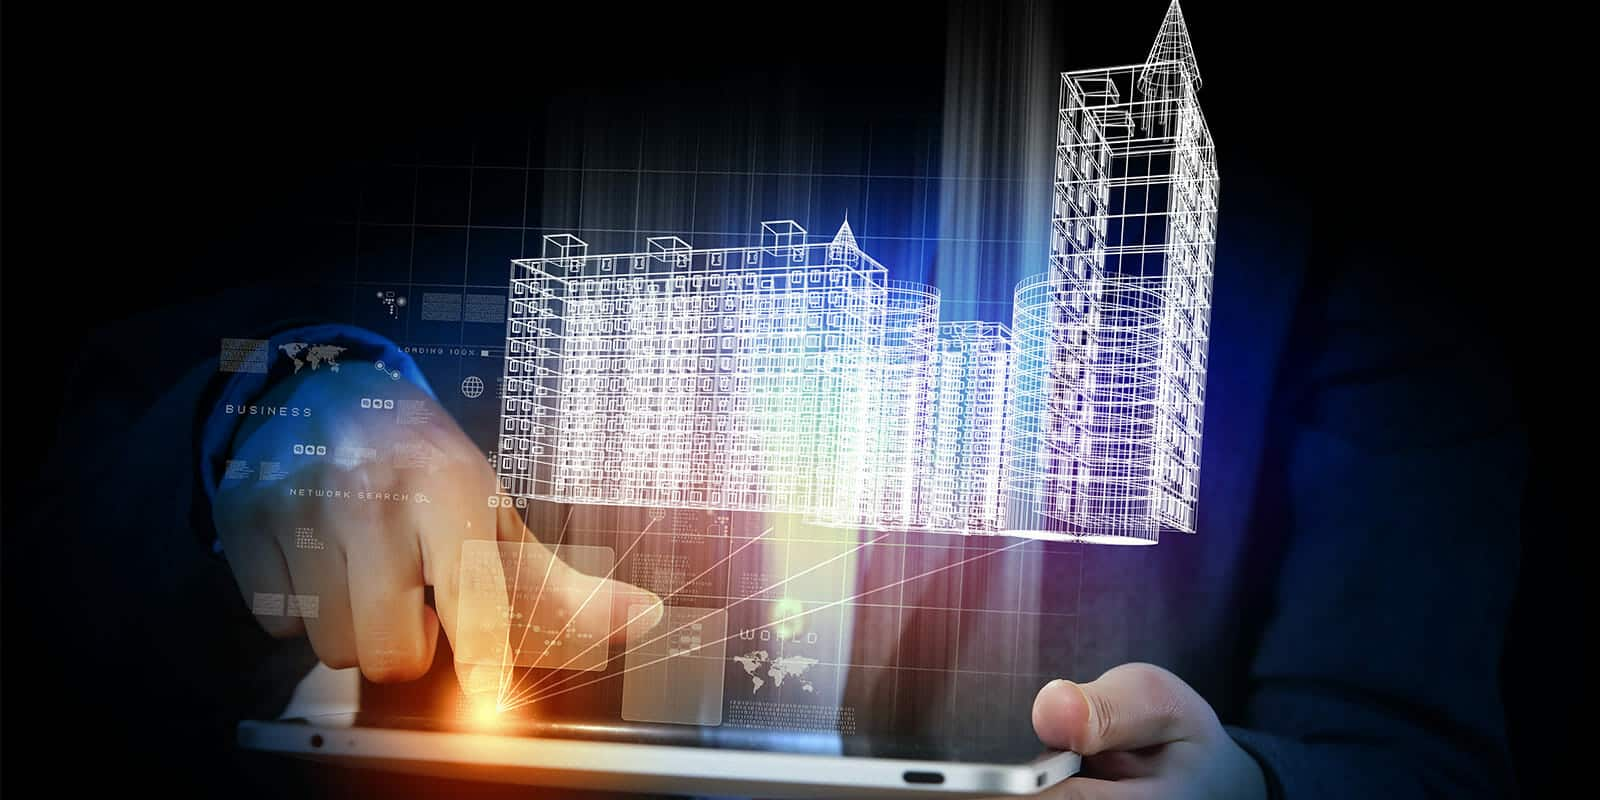 5 medidas para cortar custos na gestão do condomínio